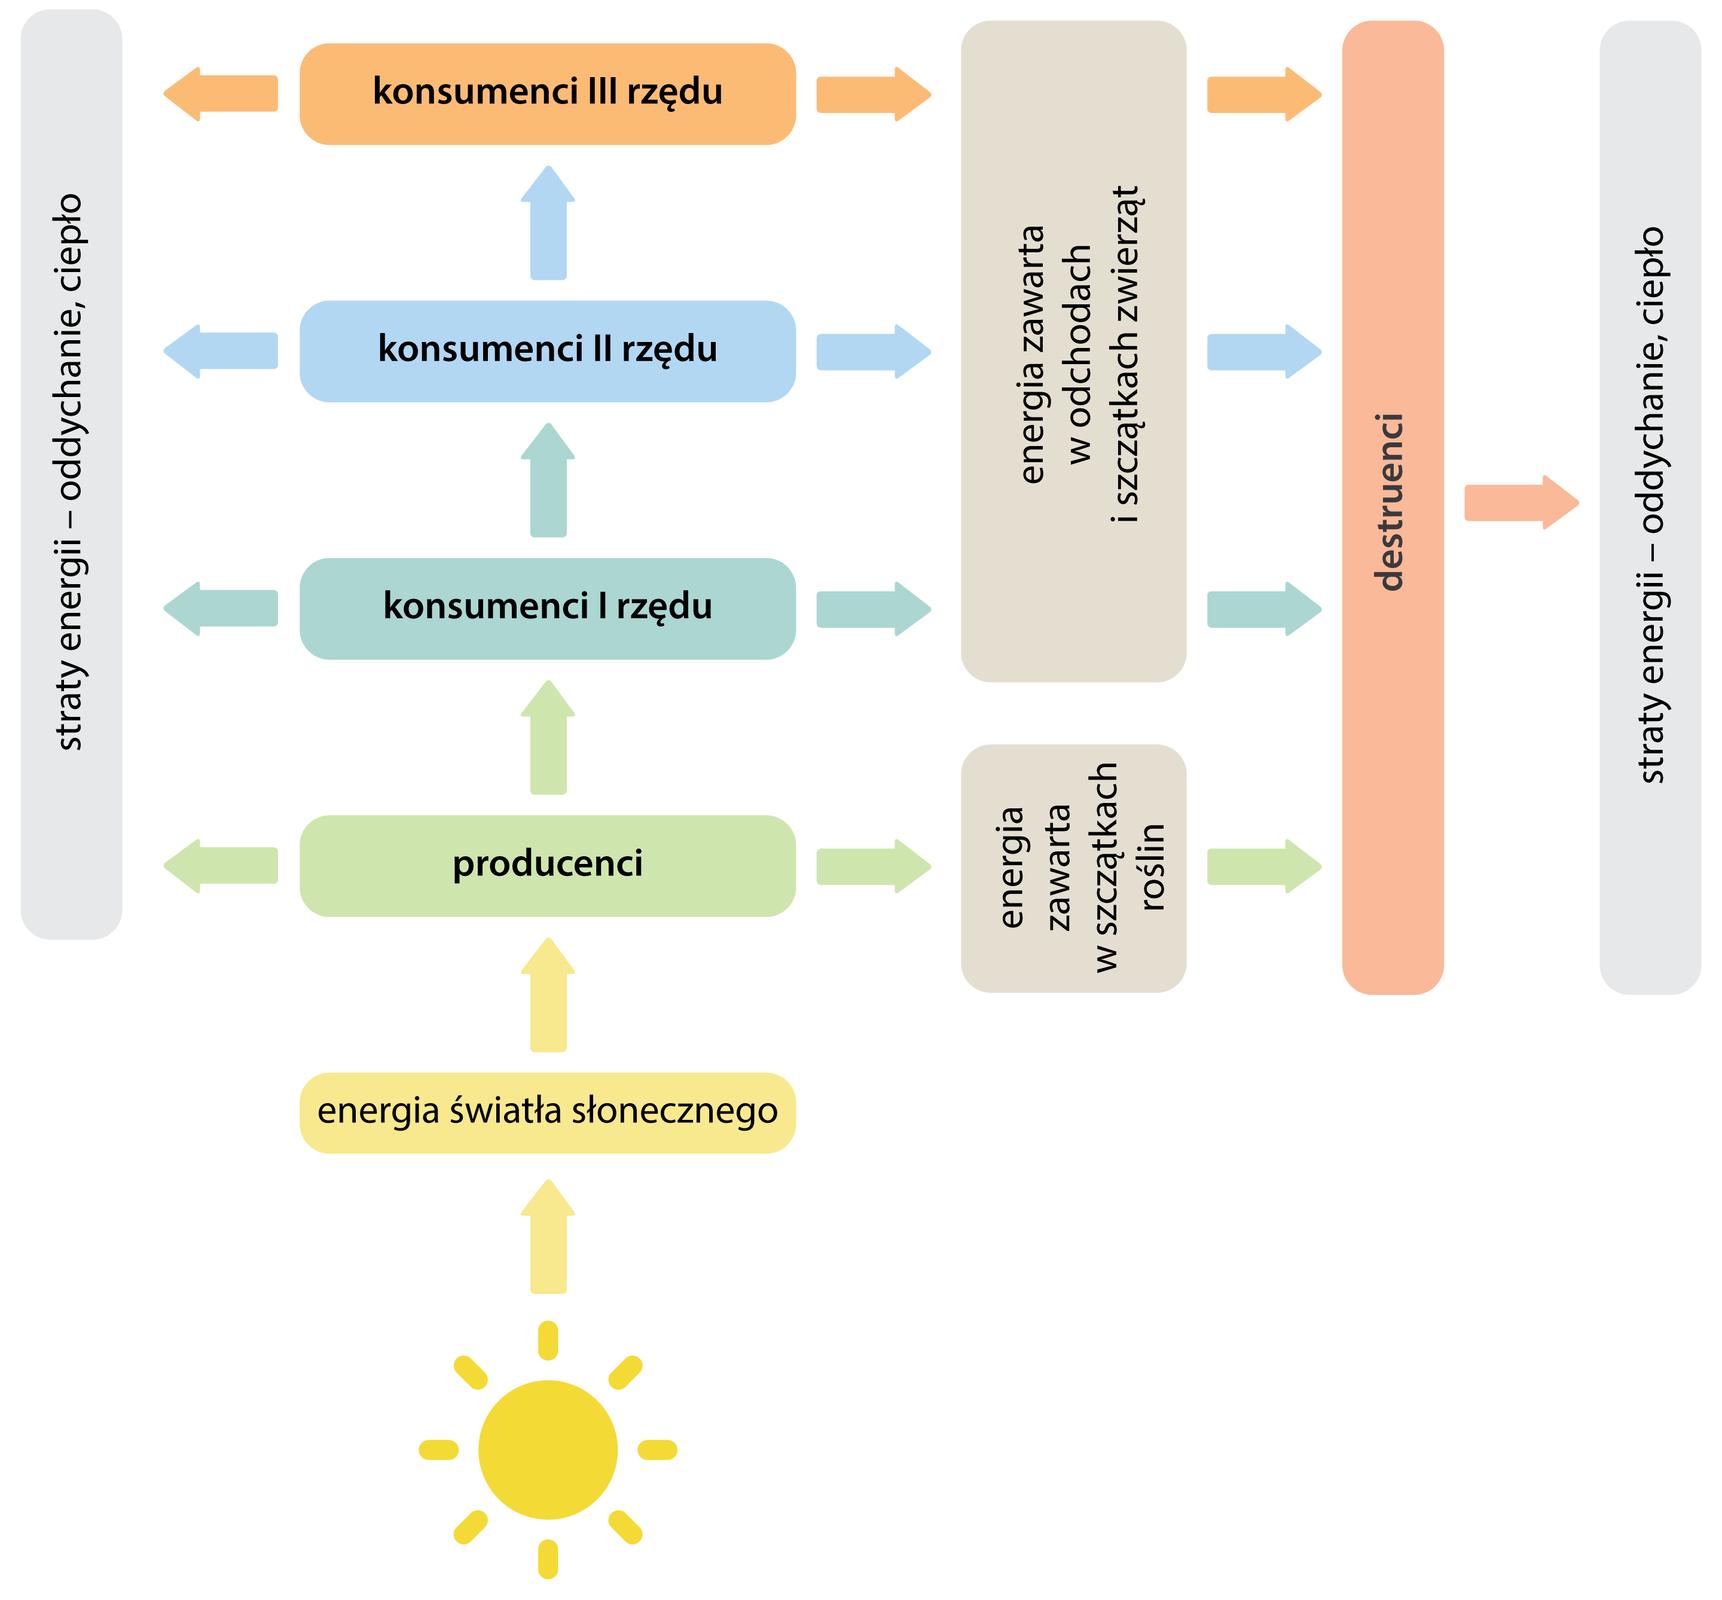 Schemat przedstawia przepływ energii od dołu ilustracji, od słońca, poprez kolejne ogniwa łańcucha pokarmowego. Szczatki zawiarające energię trafiają do destruentów. na każdym poziomie straty energii.